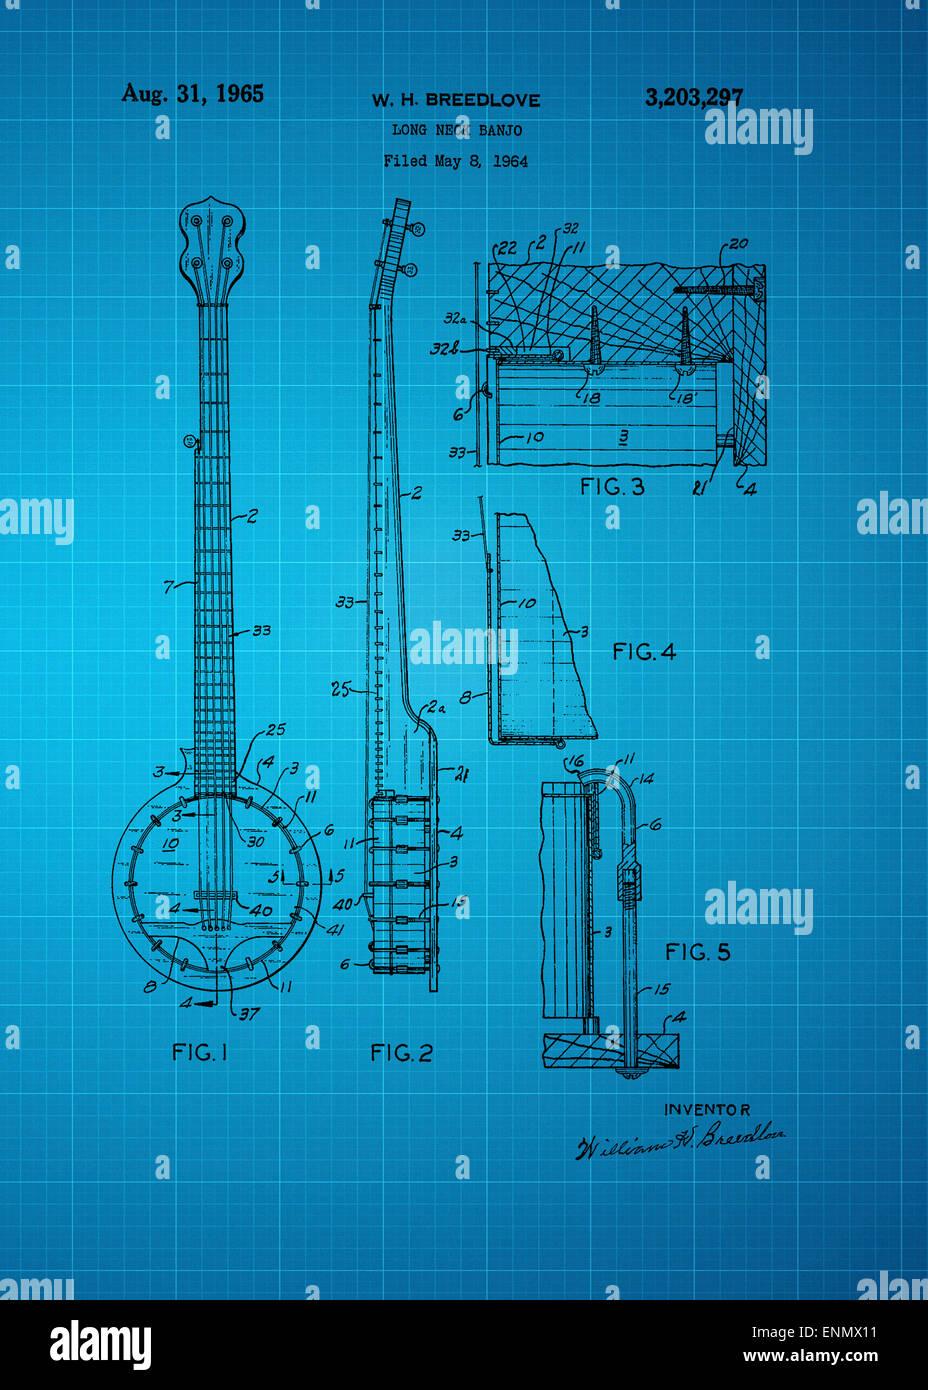 Cuello largo patente Banjo desde 1964 Vintage ilustraciones patentes gran presentación en ambos ajustes personales y corporativas oficinas ie/ c Foto de stock